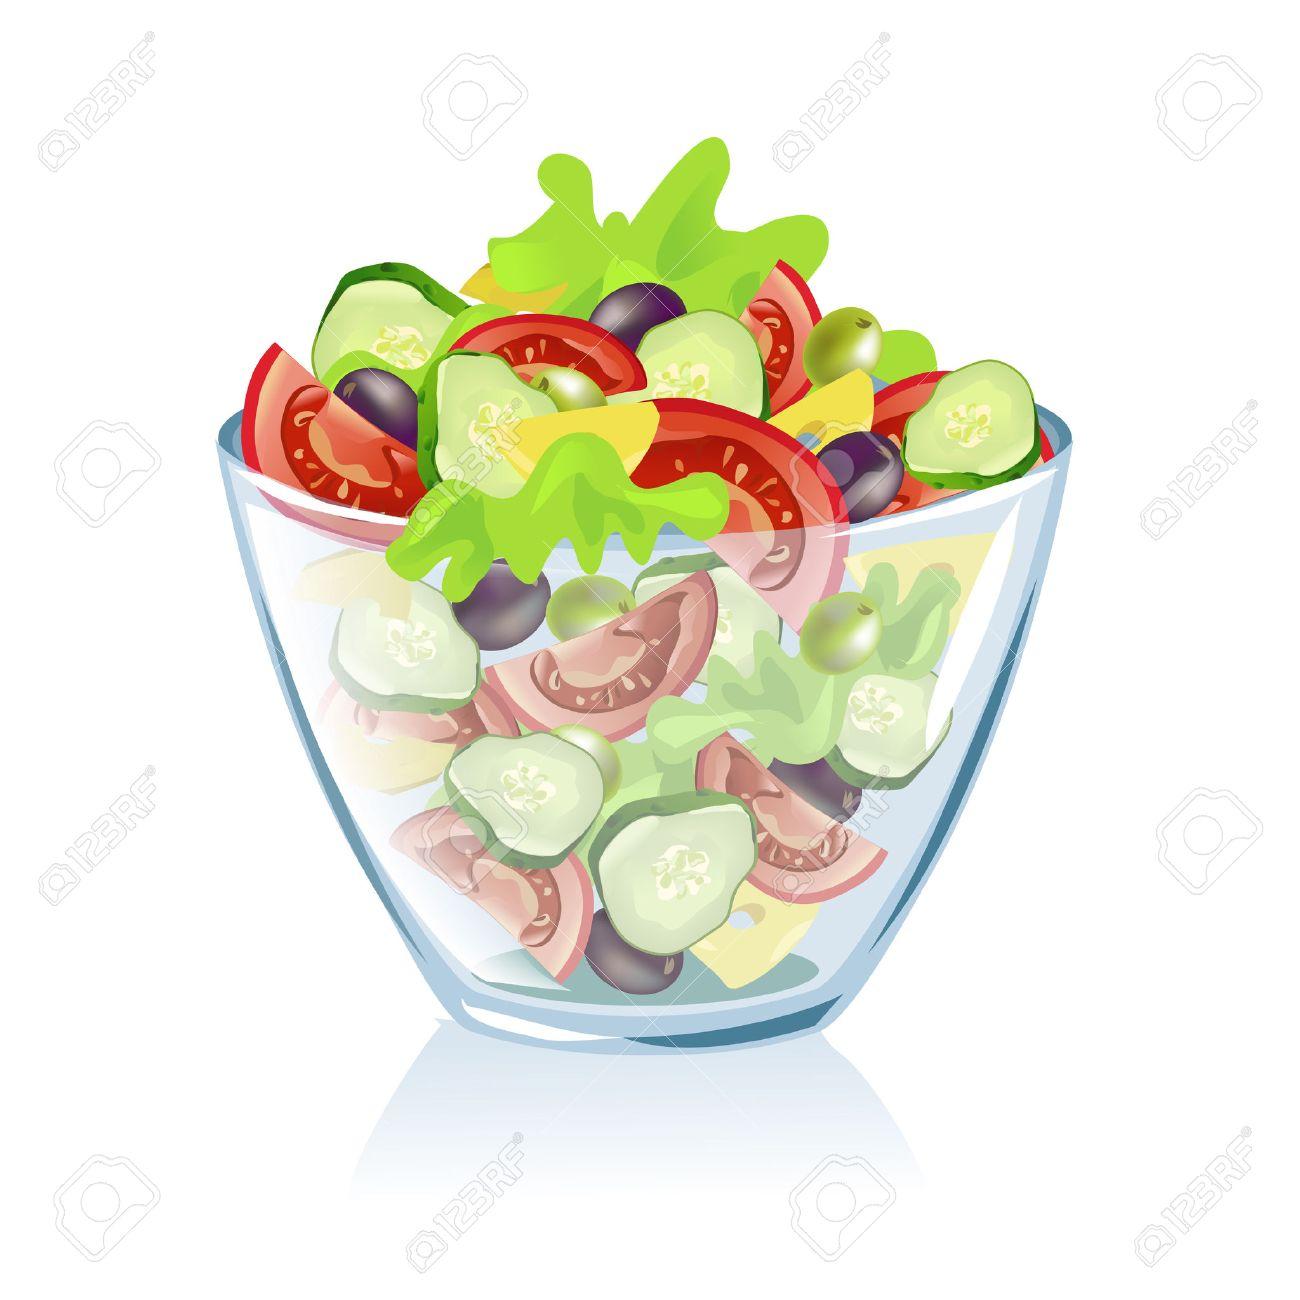 transparent dish with vegetables. vector illustration Standard-Bild - 26233913